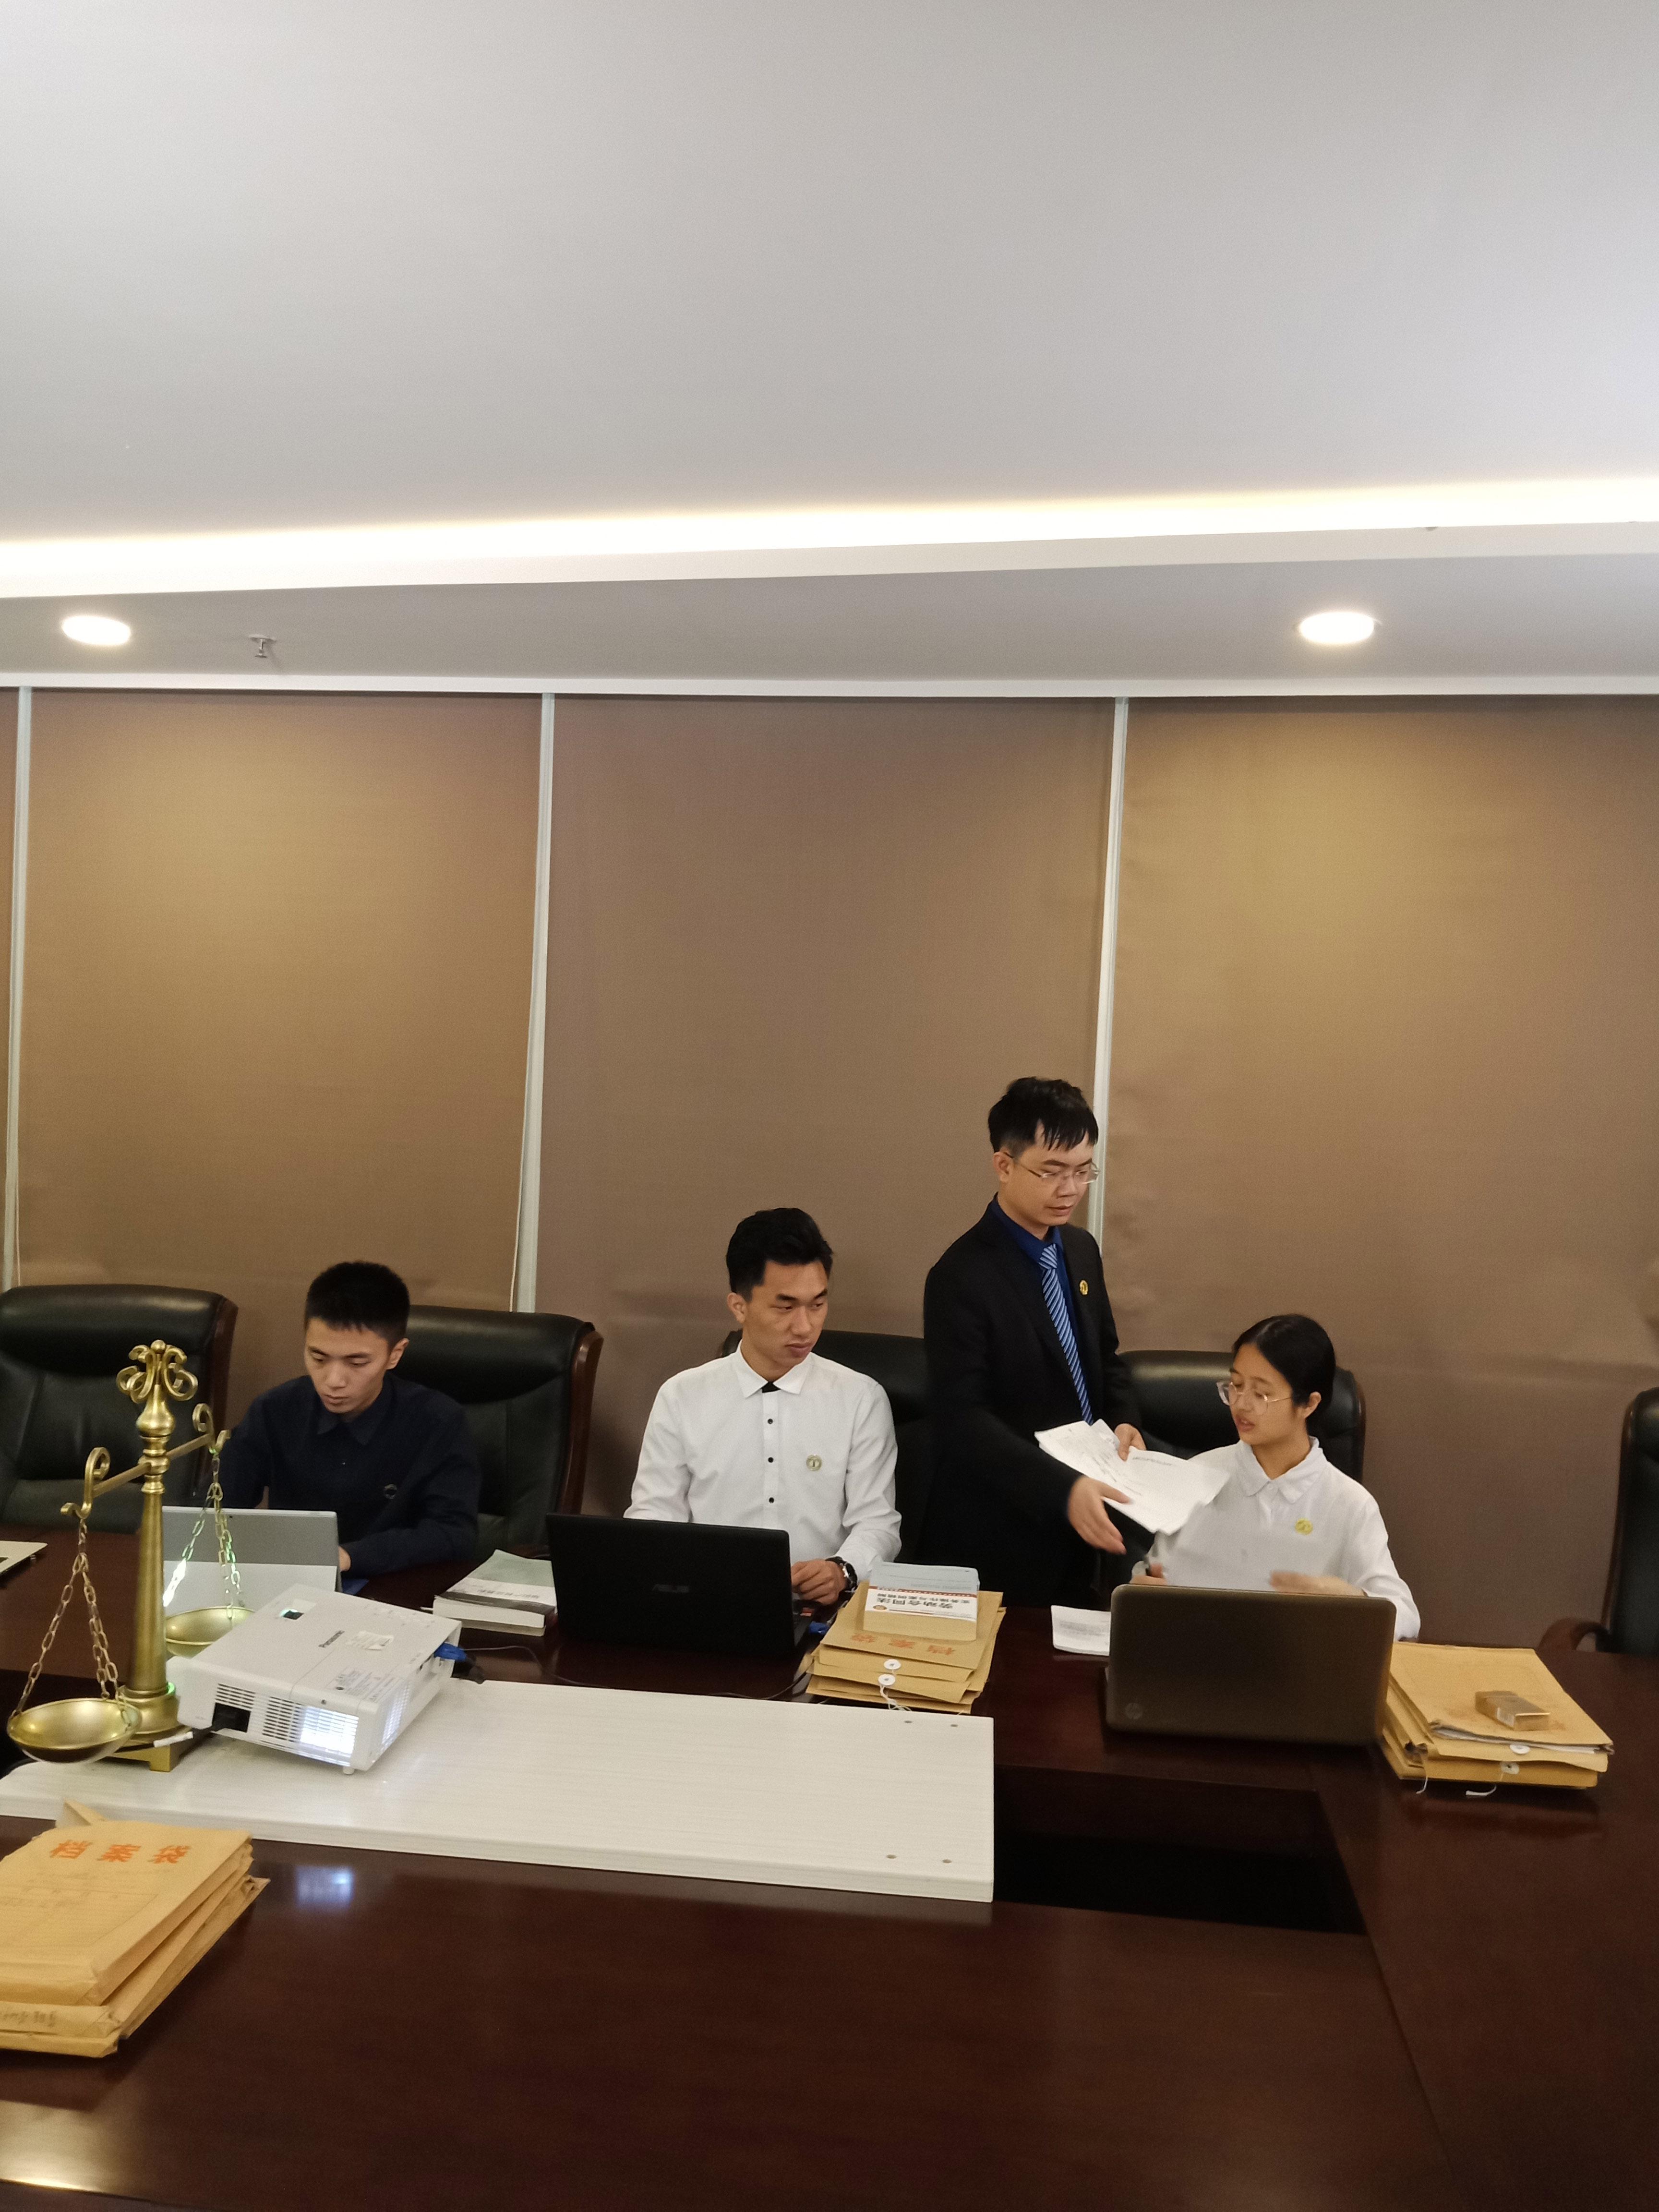 马俊哲律师团队拍摄宣传片2